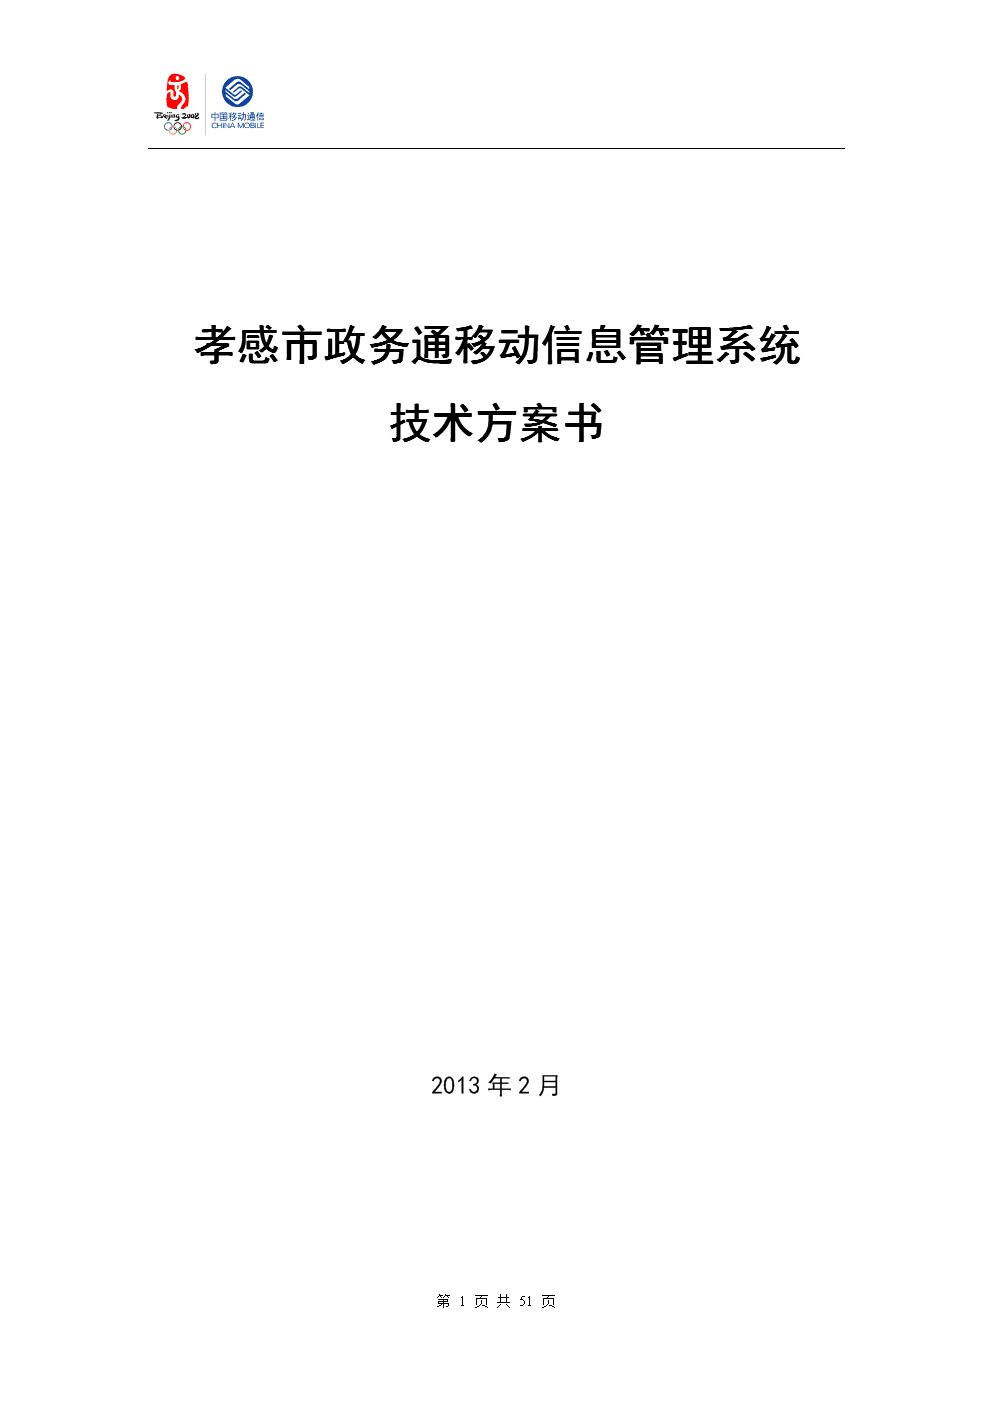 苍老师视屏网盘铹��_政务通移动信息管理系统项目技术方案书.doc